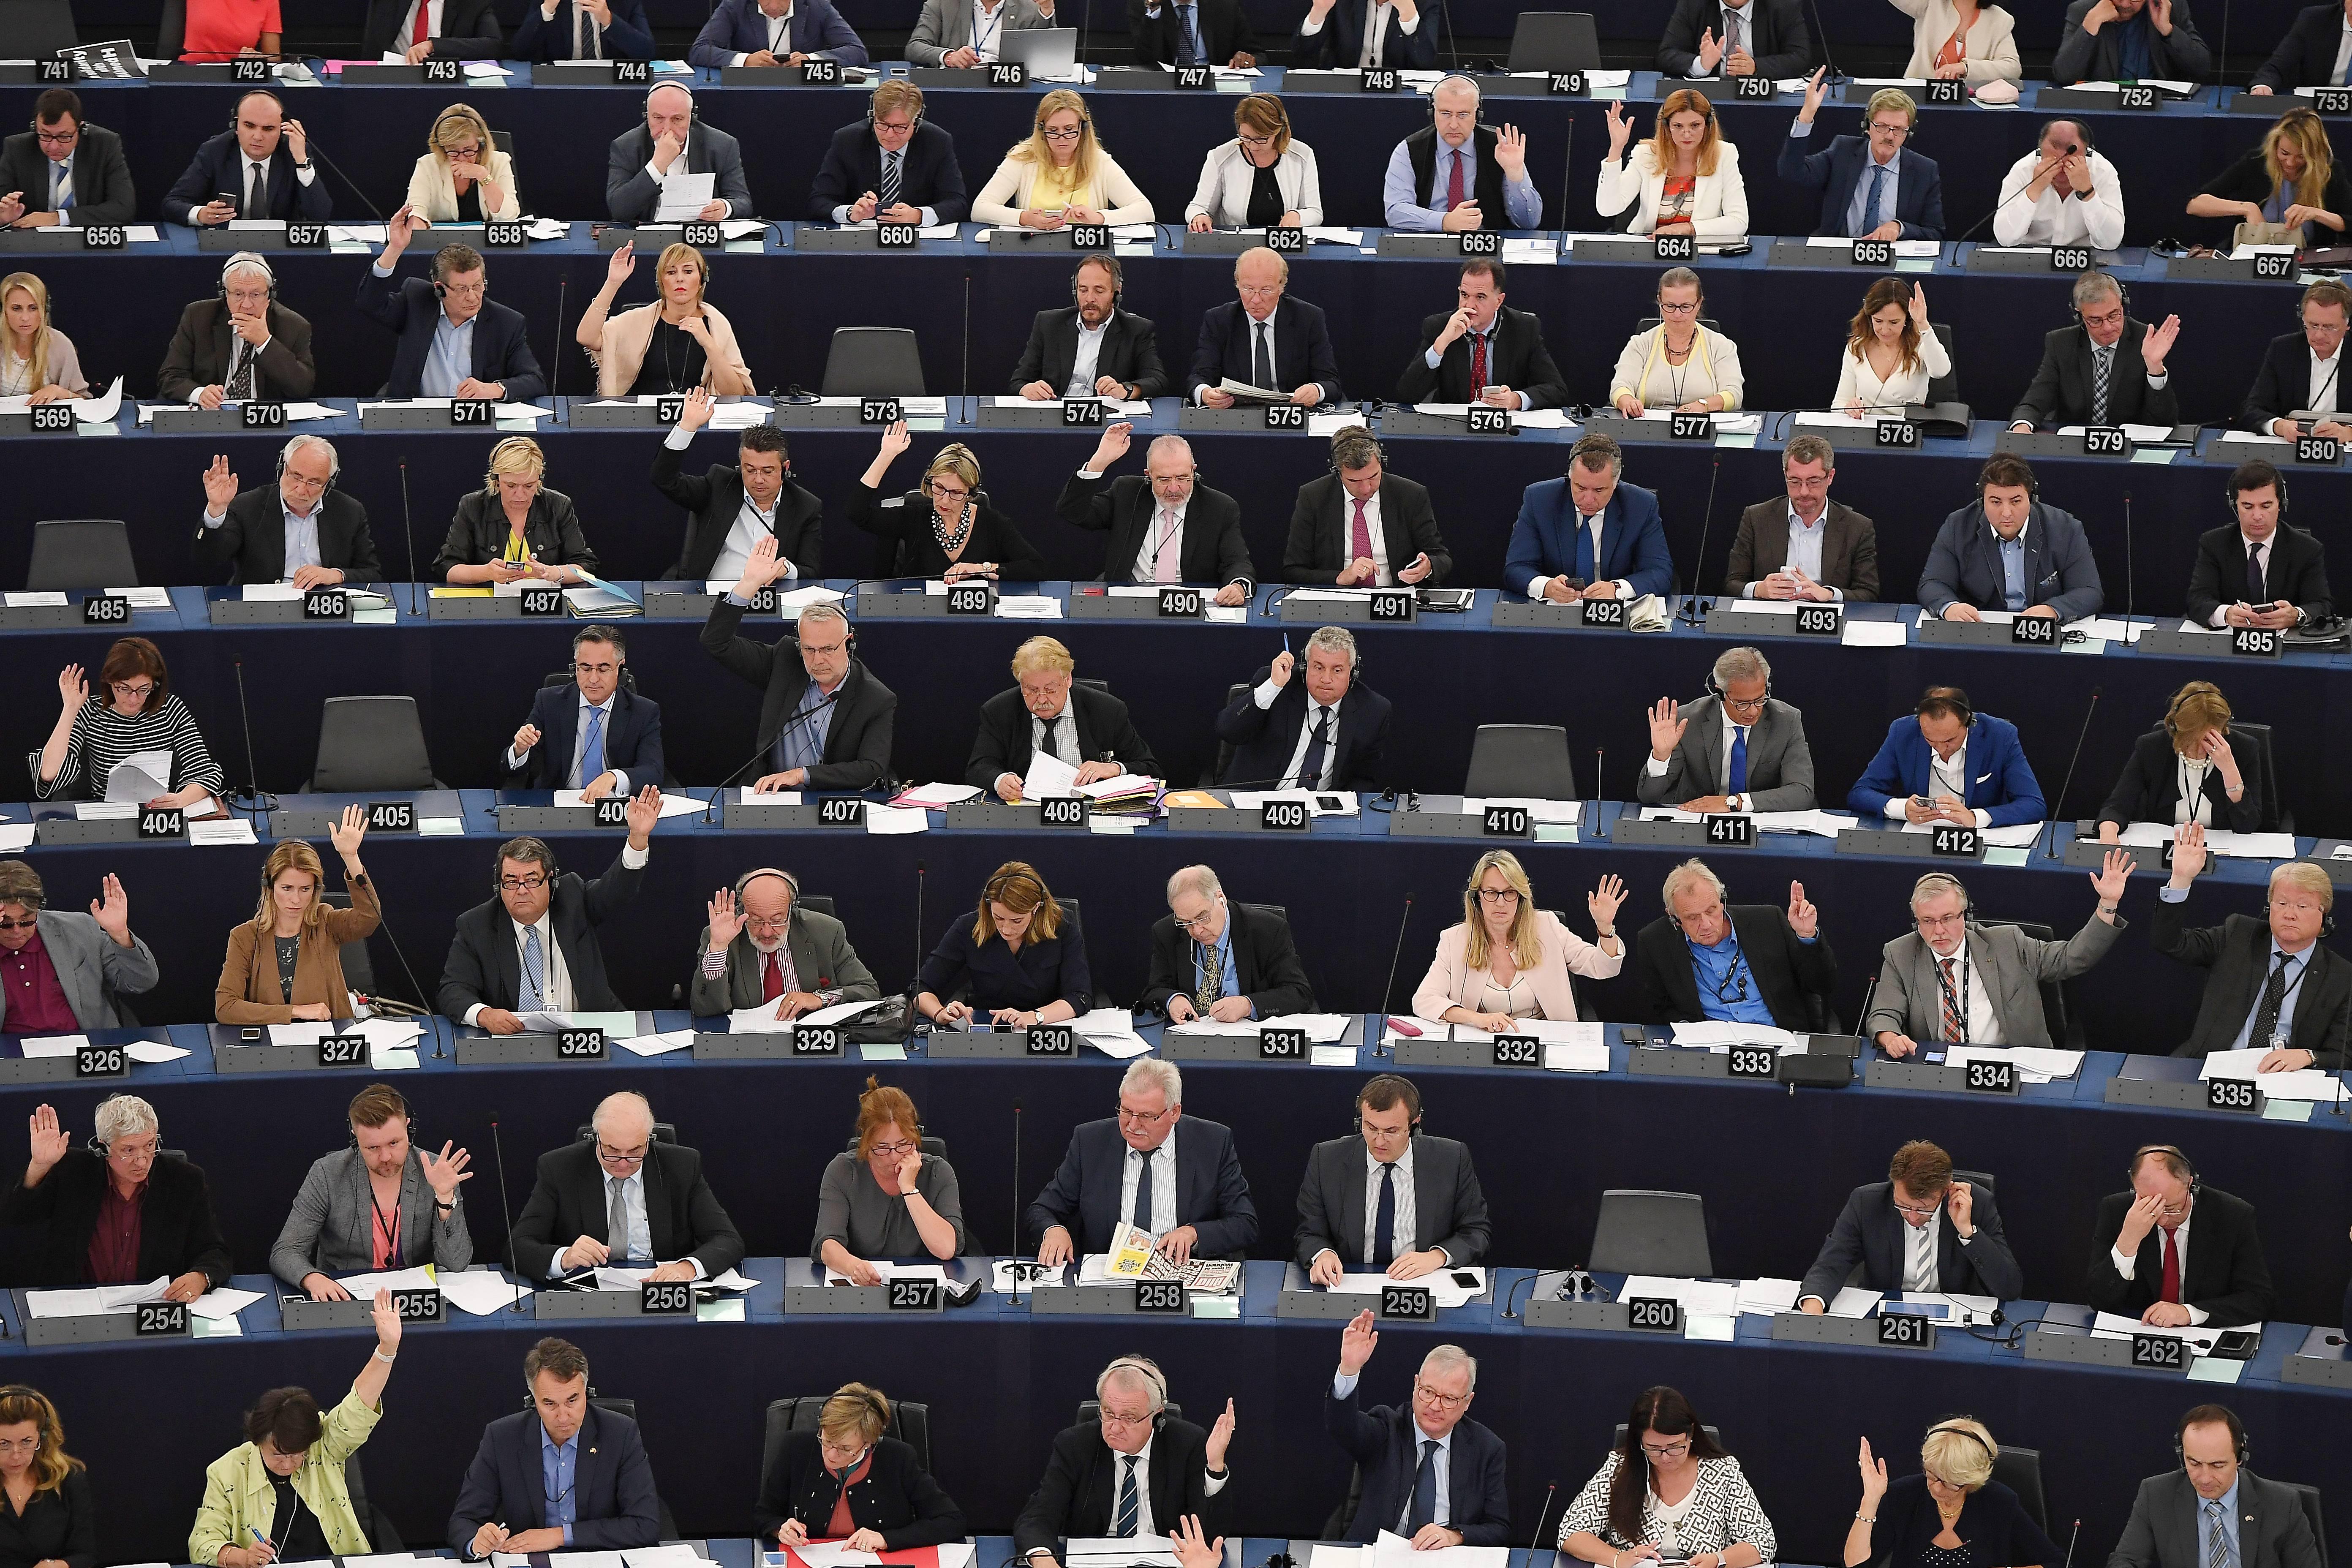 Az Európai Parlament alkotmányügyi bizottsága szerint mély aggodalomra adnak okot a magyarországi fejlemények